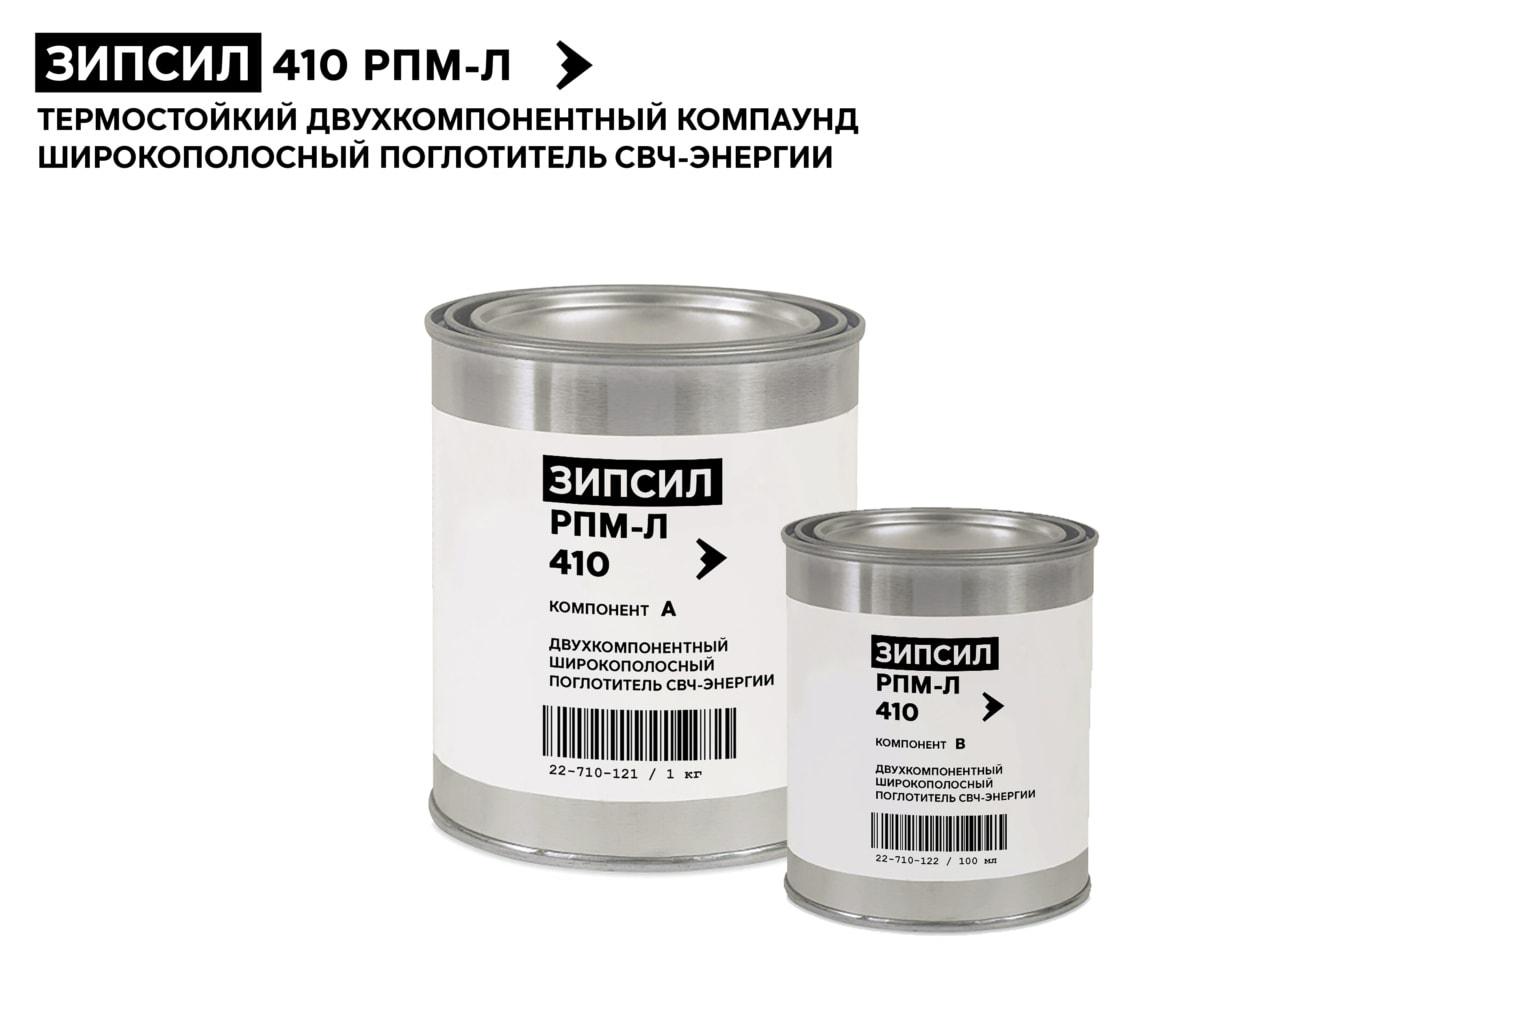 Двухкомпонентный поглощающий СВЧ-энергию герметик ЗИПСИЛ 410 - РПМ-Л. Производство РТ-Технологии, Россия